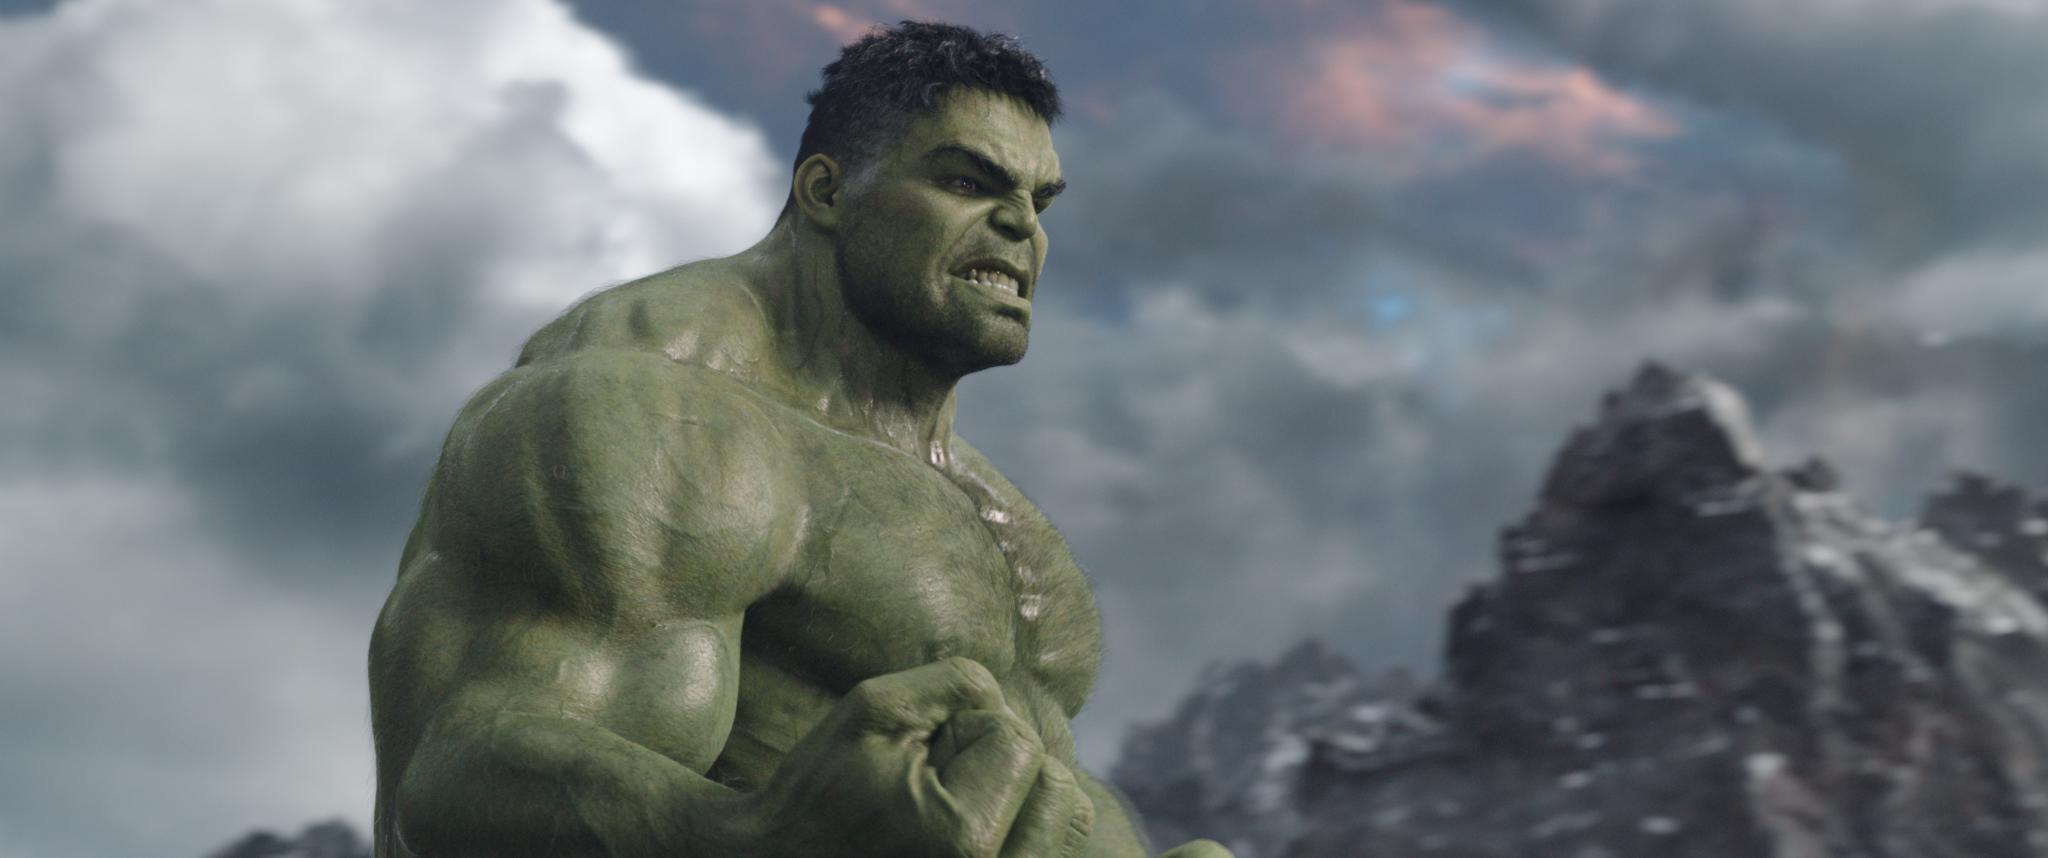 THOR: RAGNAROK. Hulk (Mark Ruffalo)